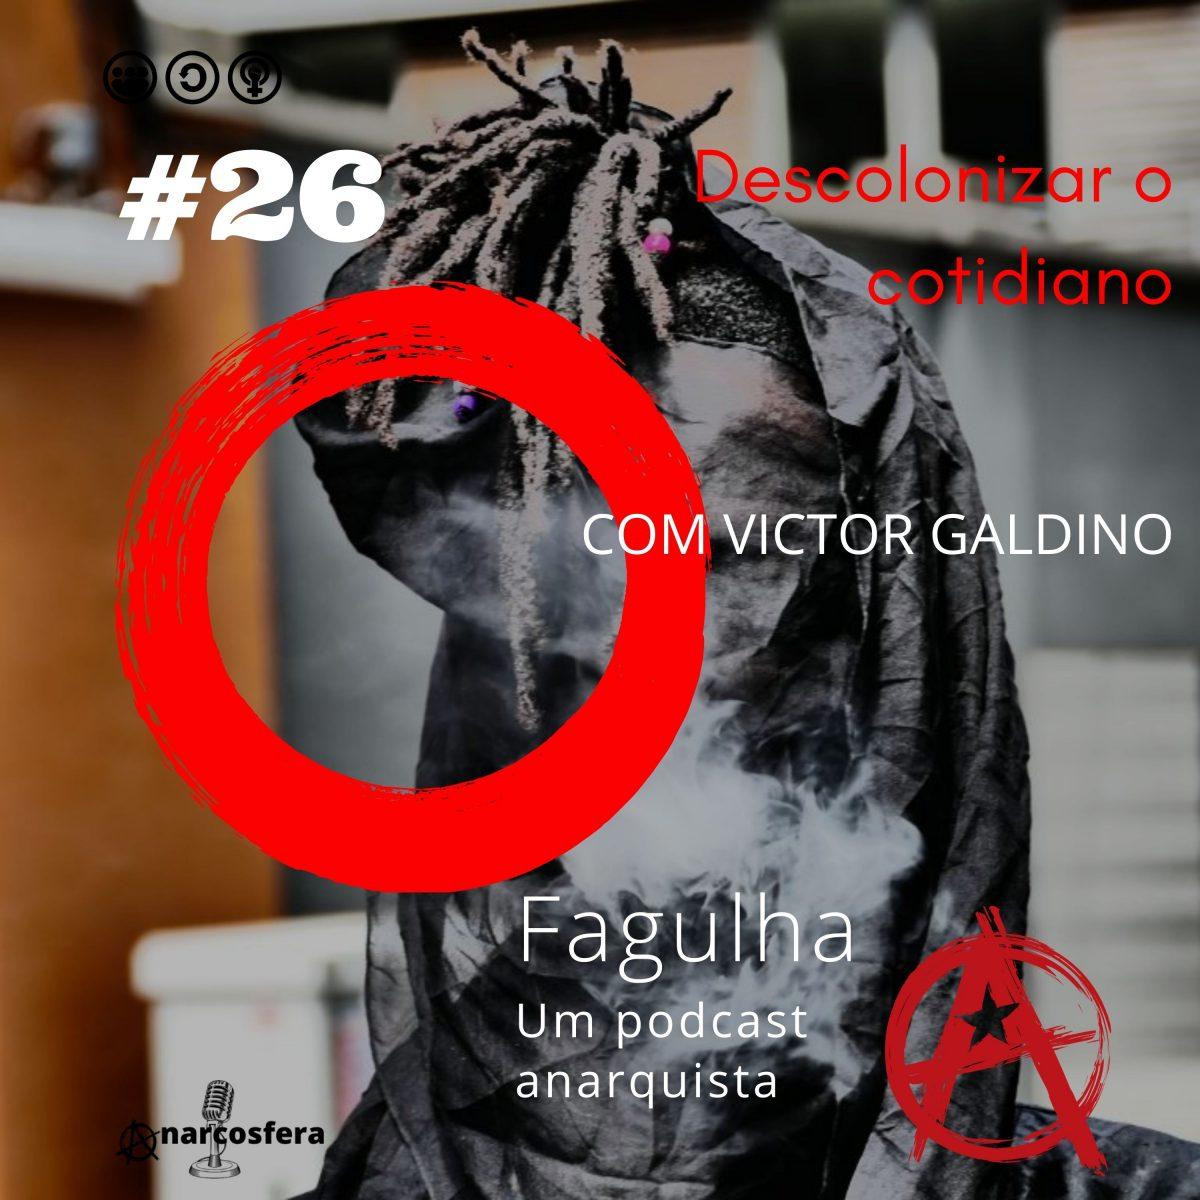 Fagulha #26: Descolonizar o cotidiano, com Victor Galdino